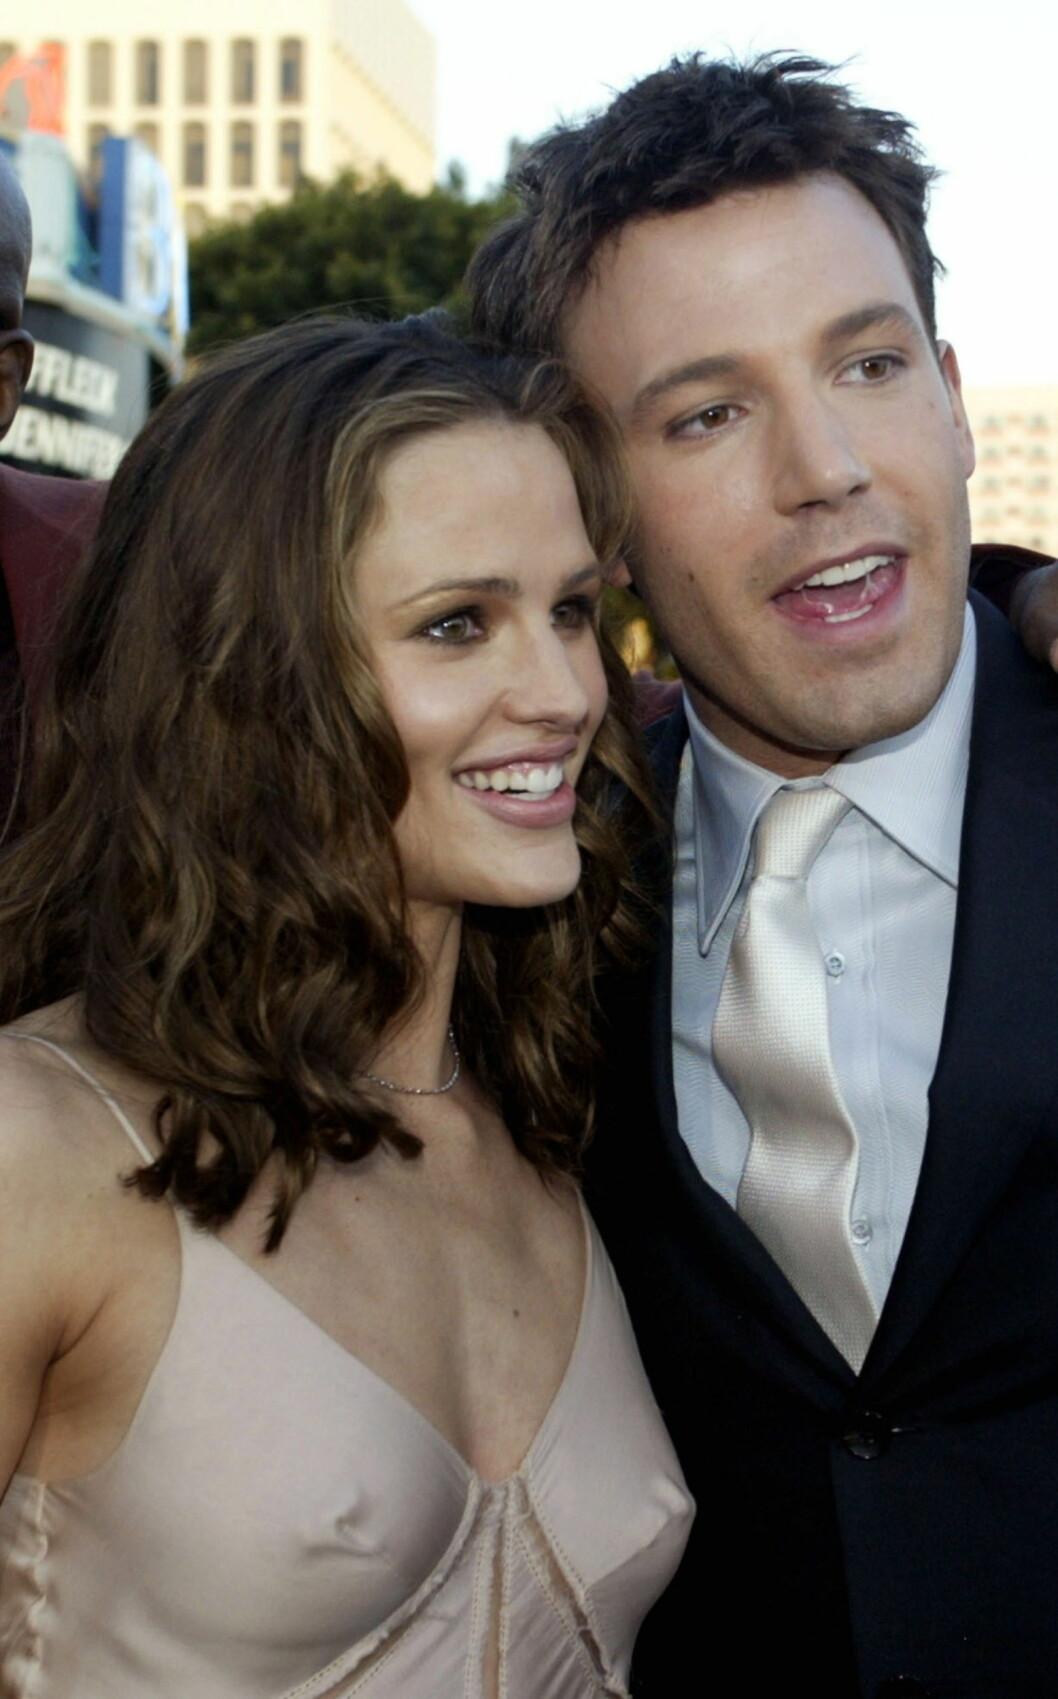 FØR DET HELE BEGYNTE: Jennifer Garner og Ben Affleck spilte mot hverandre i actionfilmen «Daredevil» i 2003. Her er de to fotografert på premieren i Los Angeles i februar 2003. Året etter begynte de å date, og to år etter at dette bildet ble tatt var de blitt mann og kona. Nå 10 år senere slår idyllen sprekker, og spørsmålet alle stiller seg er om Hollywood-ekteparet kommer til å feire 10 års bryllupsdag 29. juni 2015. Foto: NTB Scanpix